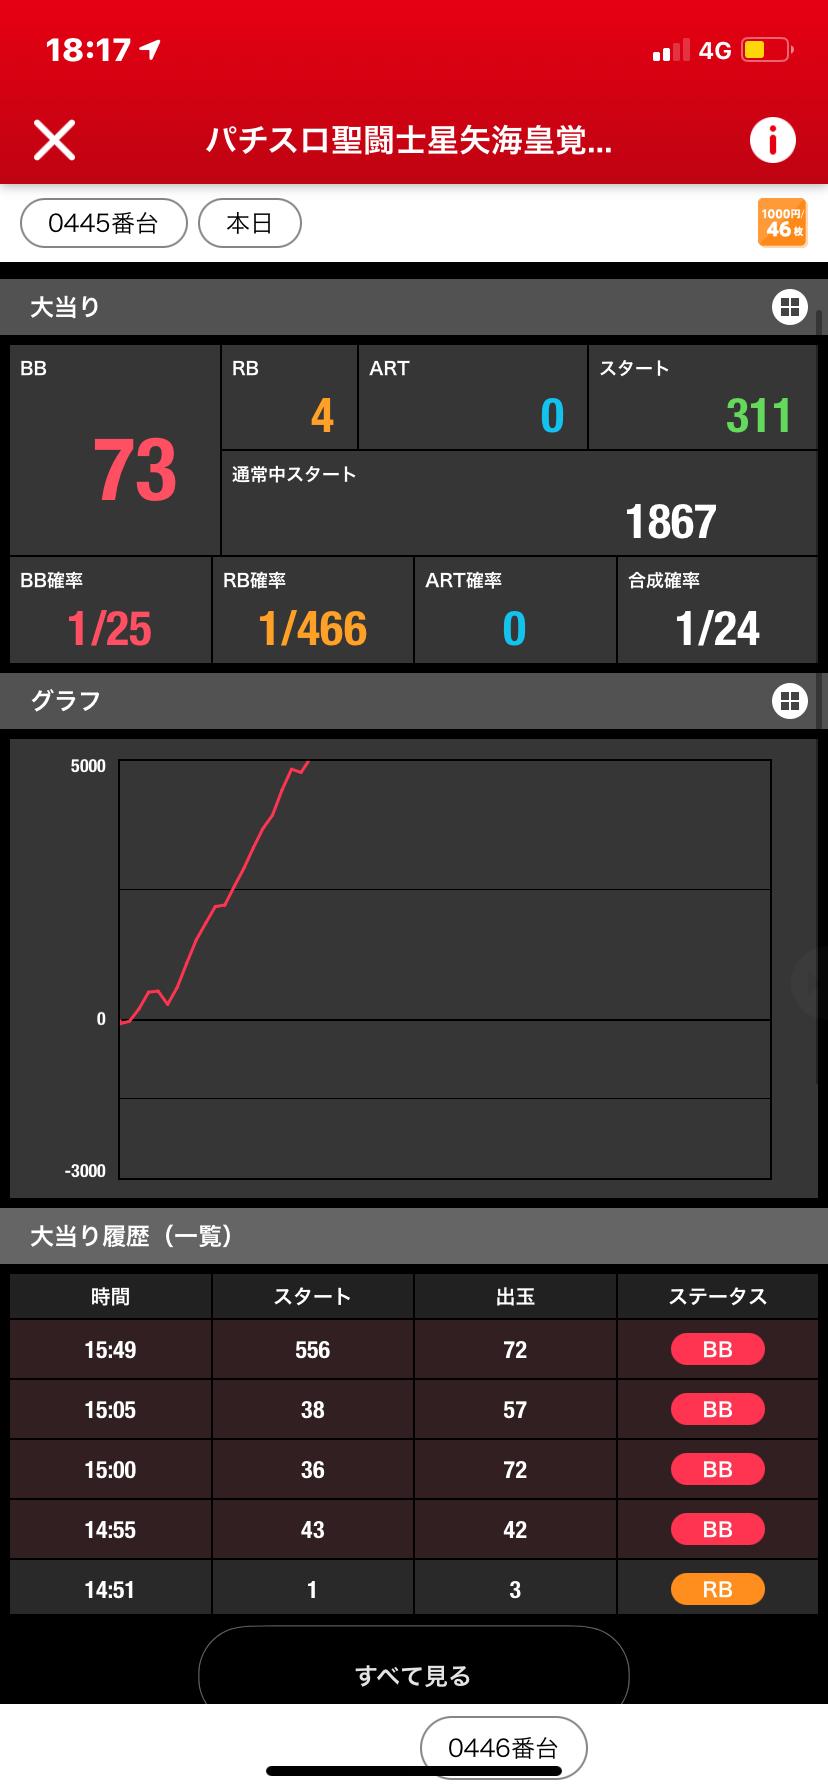 f:id:Chikubishin:20210216115717p:image